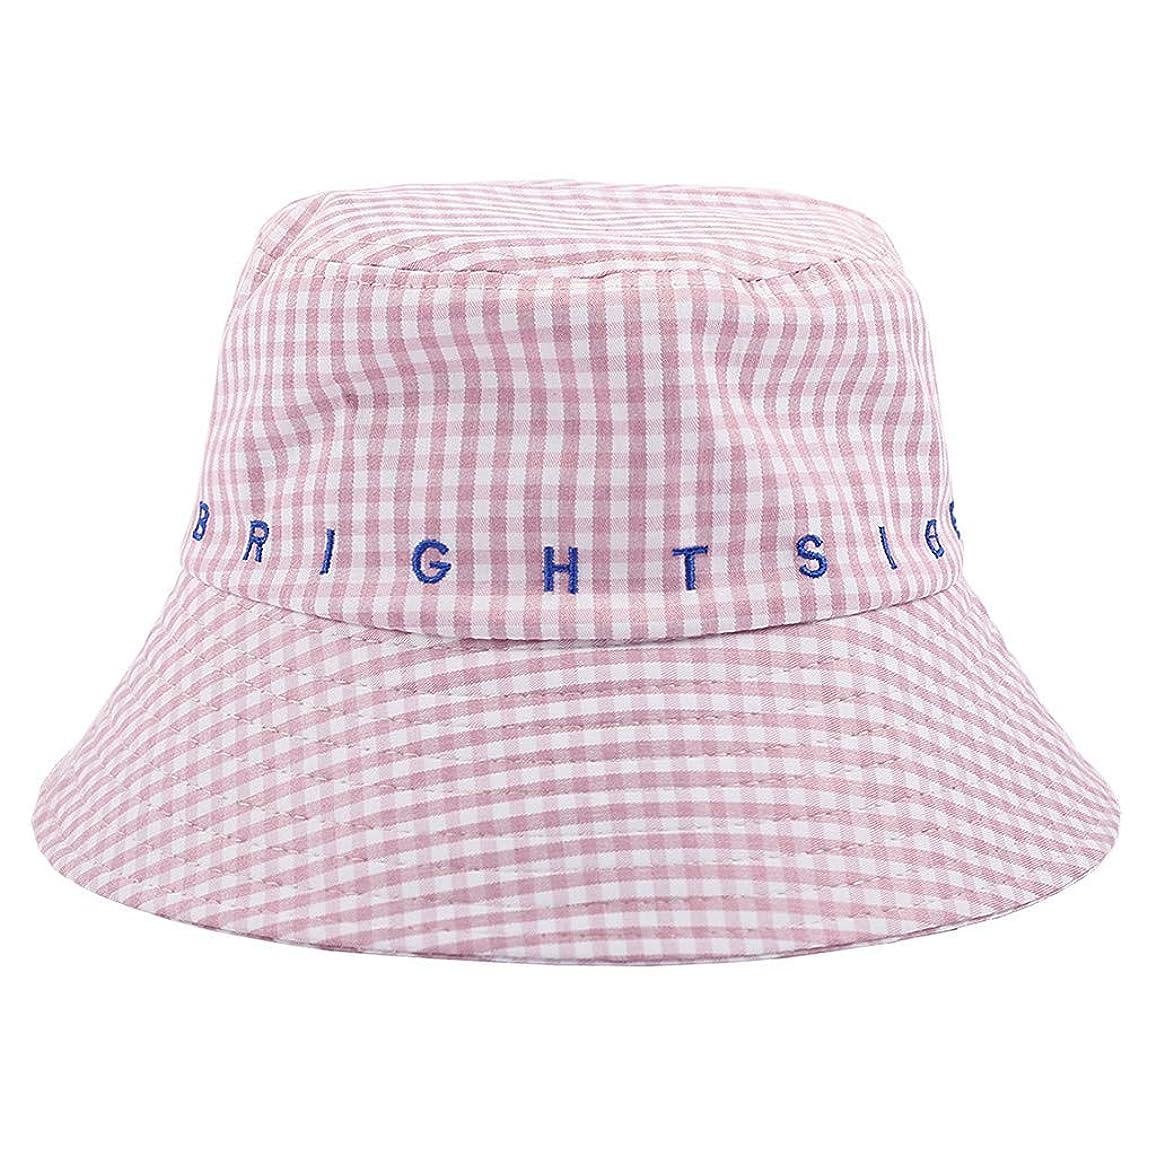 すすり泣きくしゃみテロリスト帽子 レディース uv帽 UVカット 漁師の帽子 99%uvカット 日除け ハット 調整テープ キャップ 折りたたみ 漁師帽 つば広 帽子 レディース キャップ 調節テープ 吸汗通気 紫外線対策 おしゃれ 高級感 ROSE ROMAN